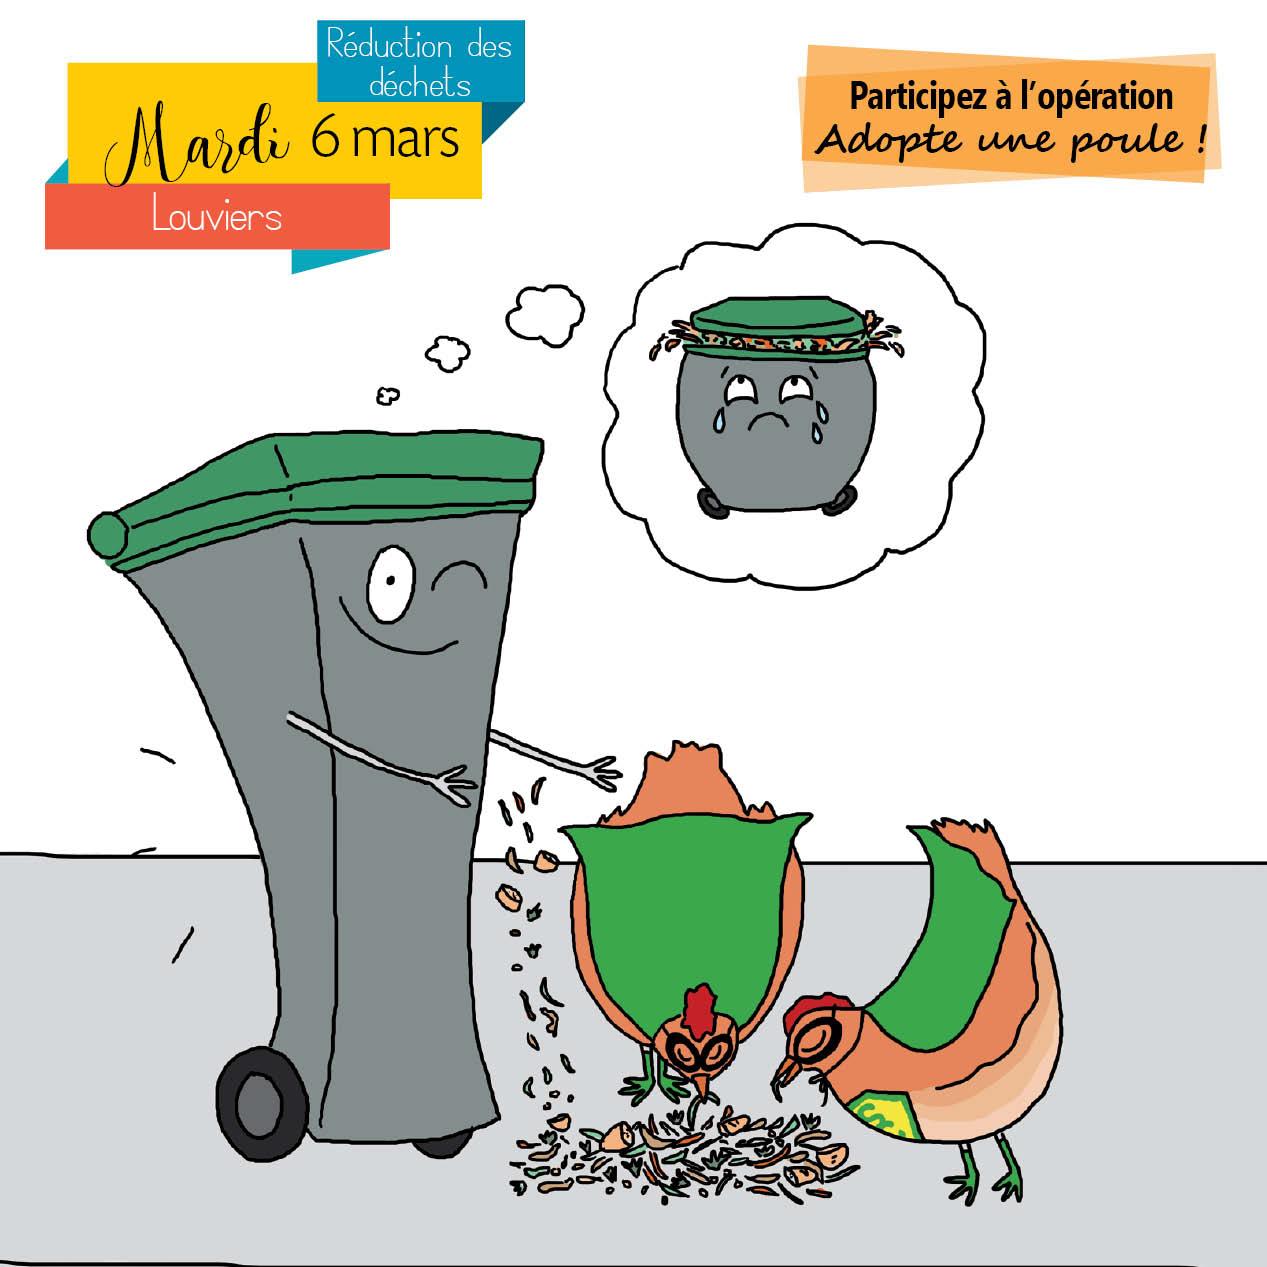 2 poules offertes pour réduire ses déchets - Communauté d'agglomération Seine-Eure (27)